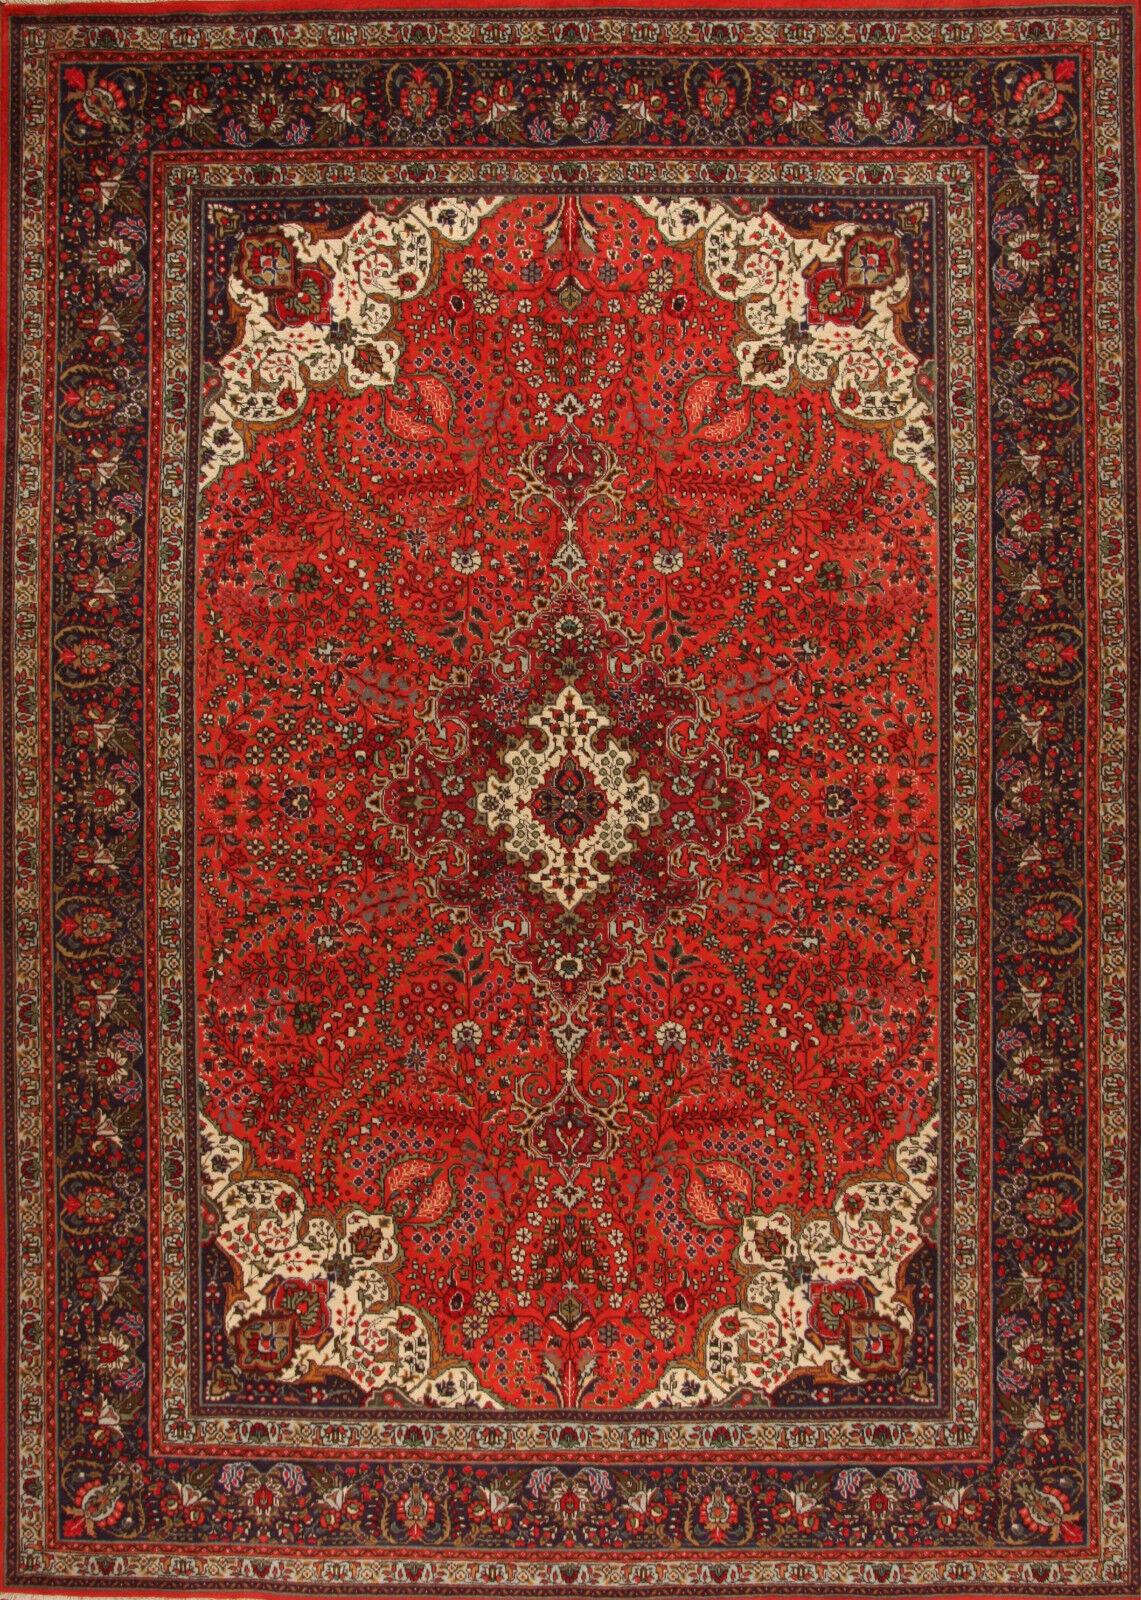 Alfombras orientales Auténticas hechas a mano persas nr.4535 (346 X 246) cm